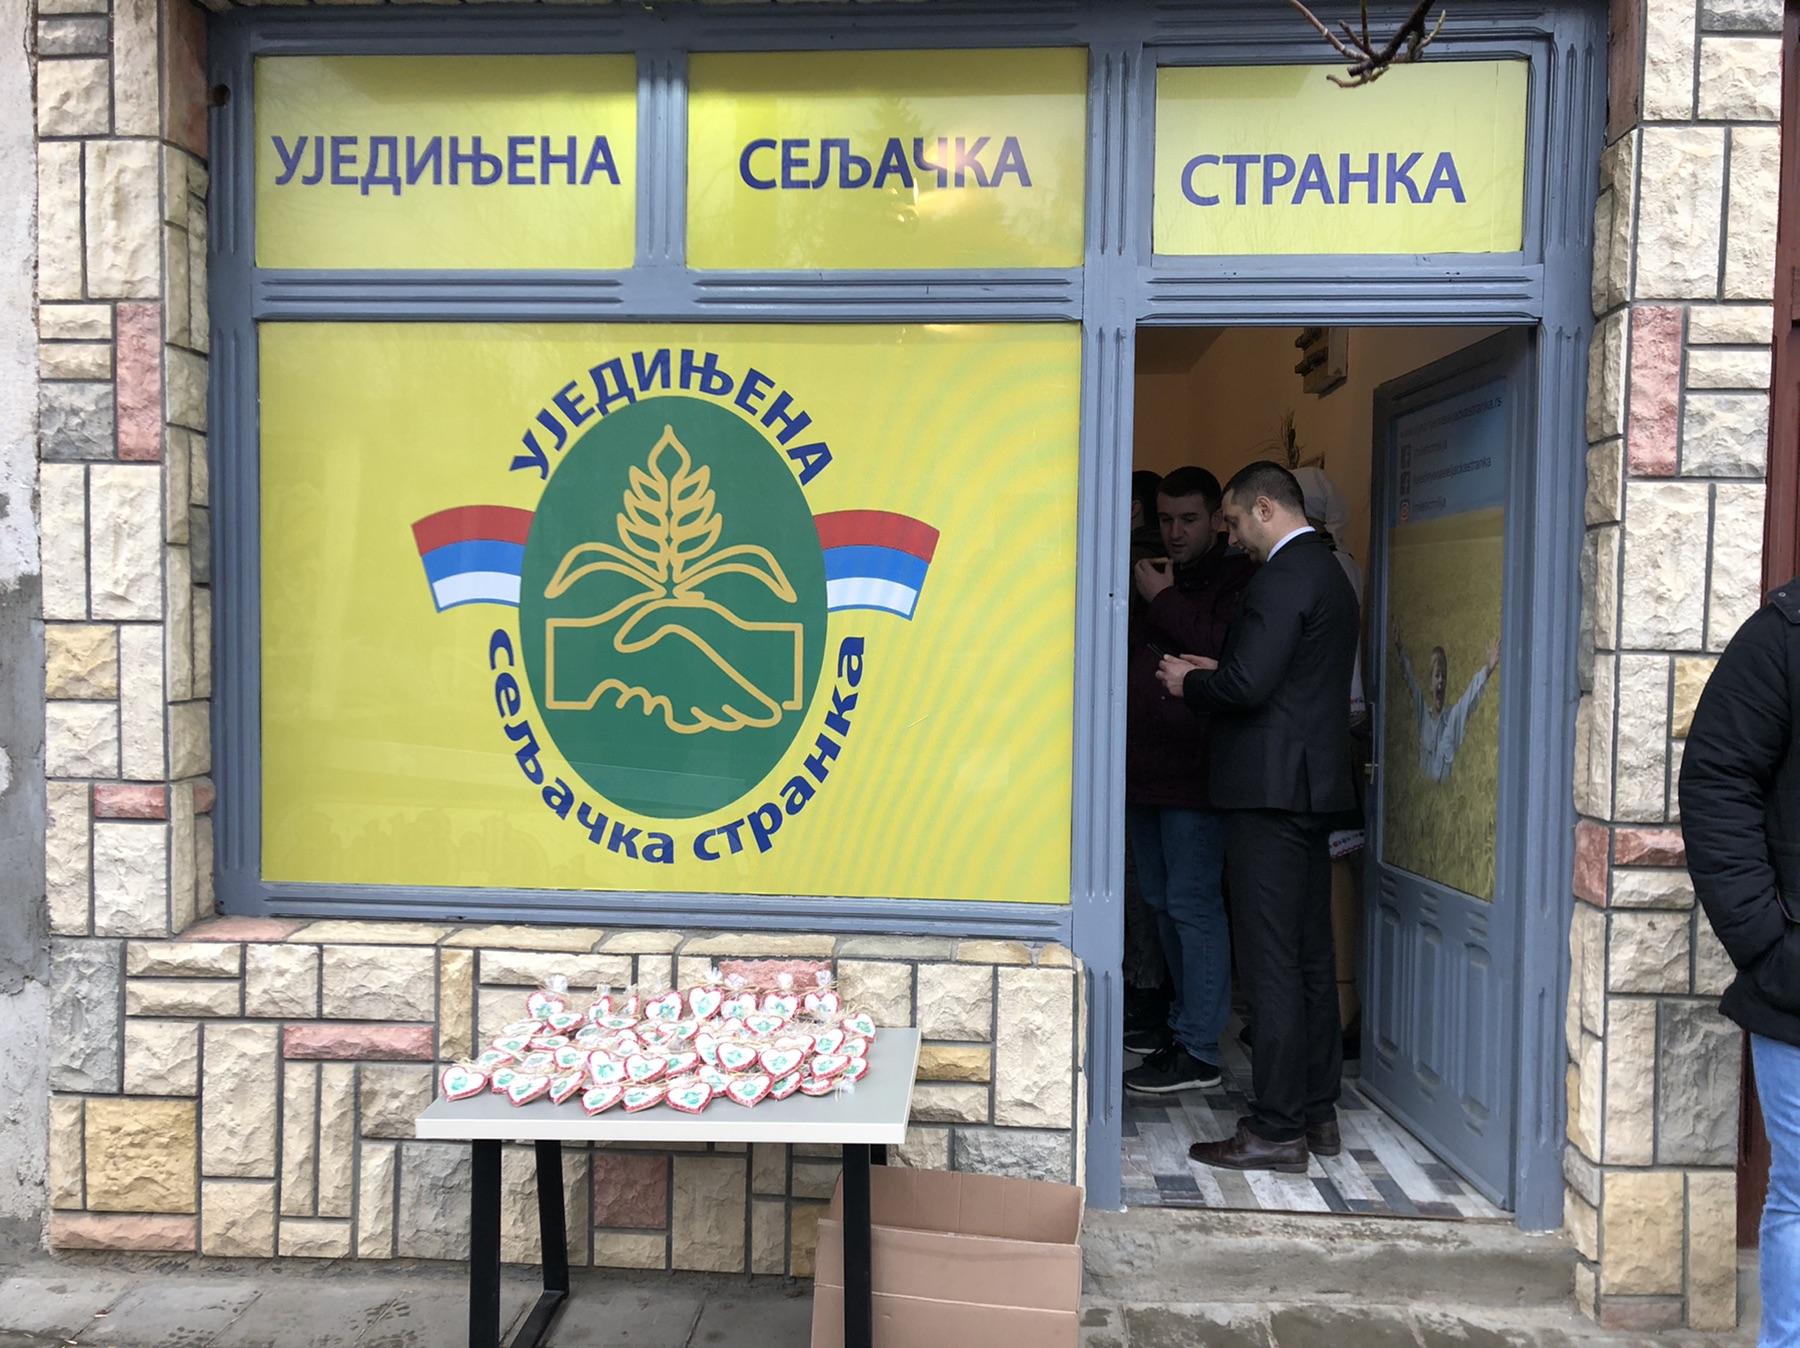 Nove prostorije Ujedinjene seljačke stranke, foto: M.M.